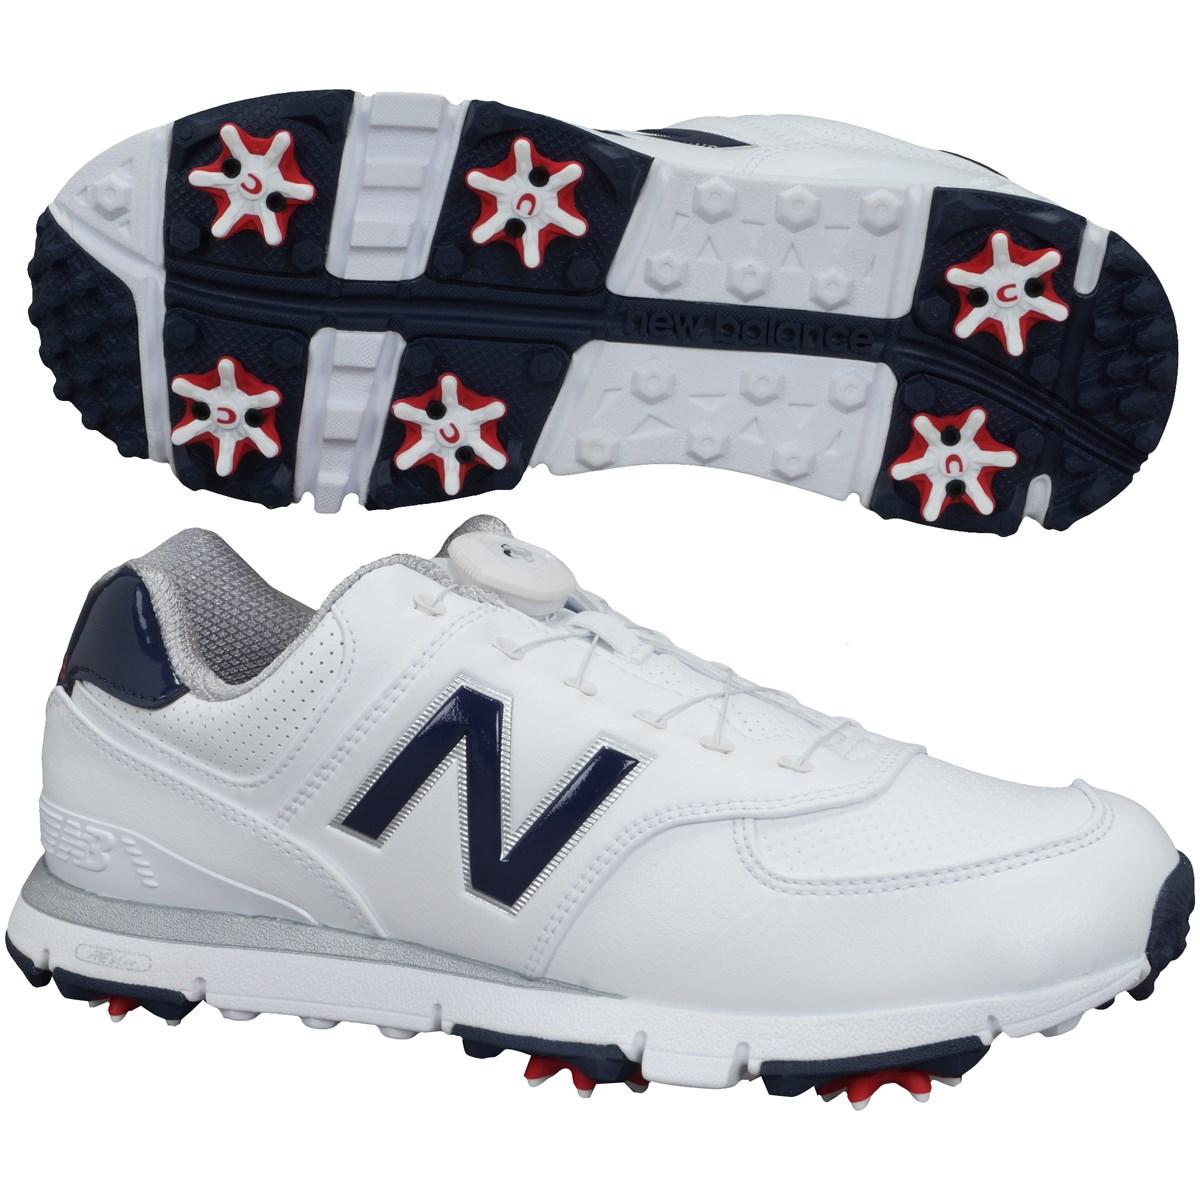 ニューバランス MGB57 ゴルフシューズ